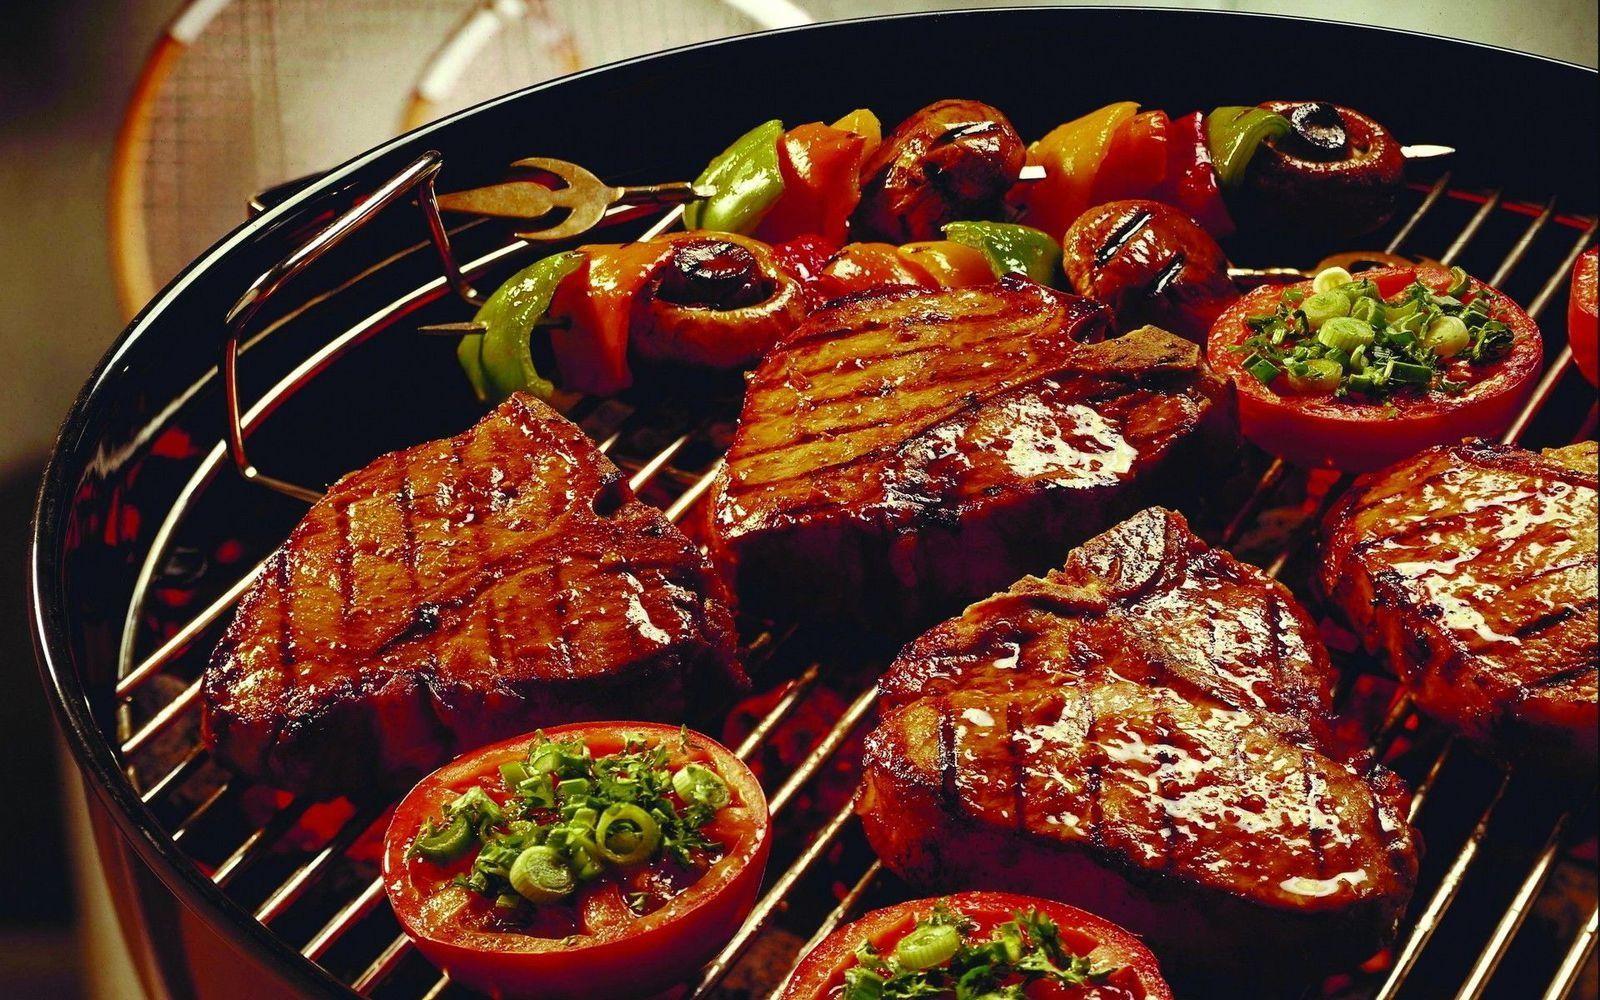 Bon appétit - Viande - Grillades - Nourriture - Wallpaper - Free